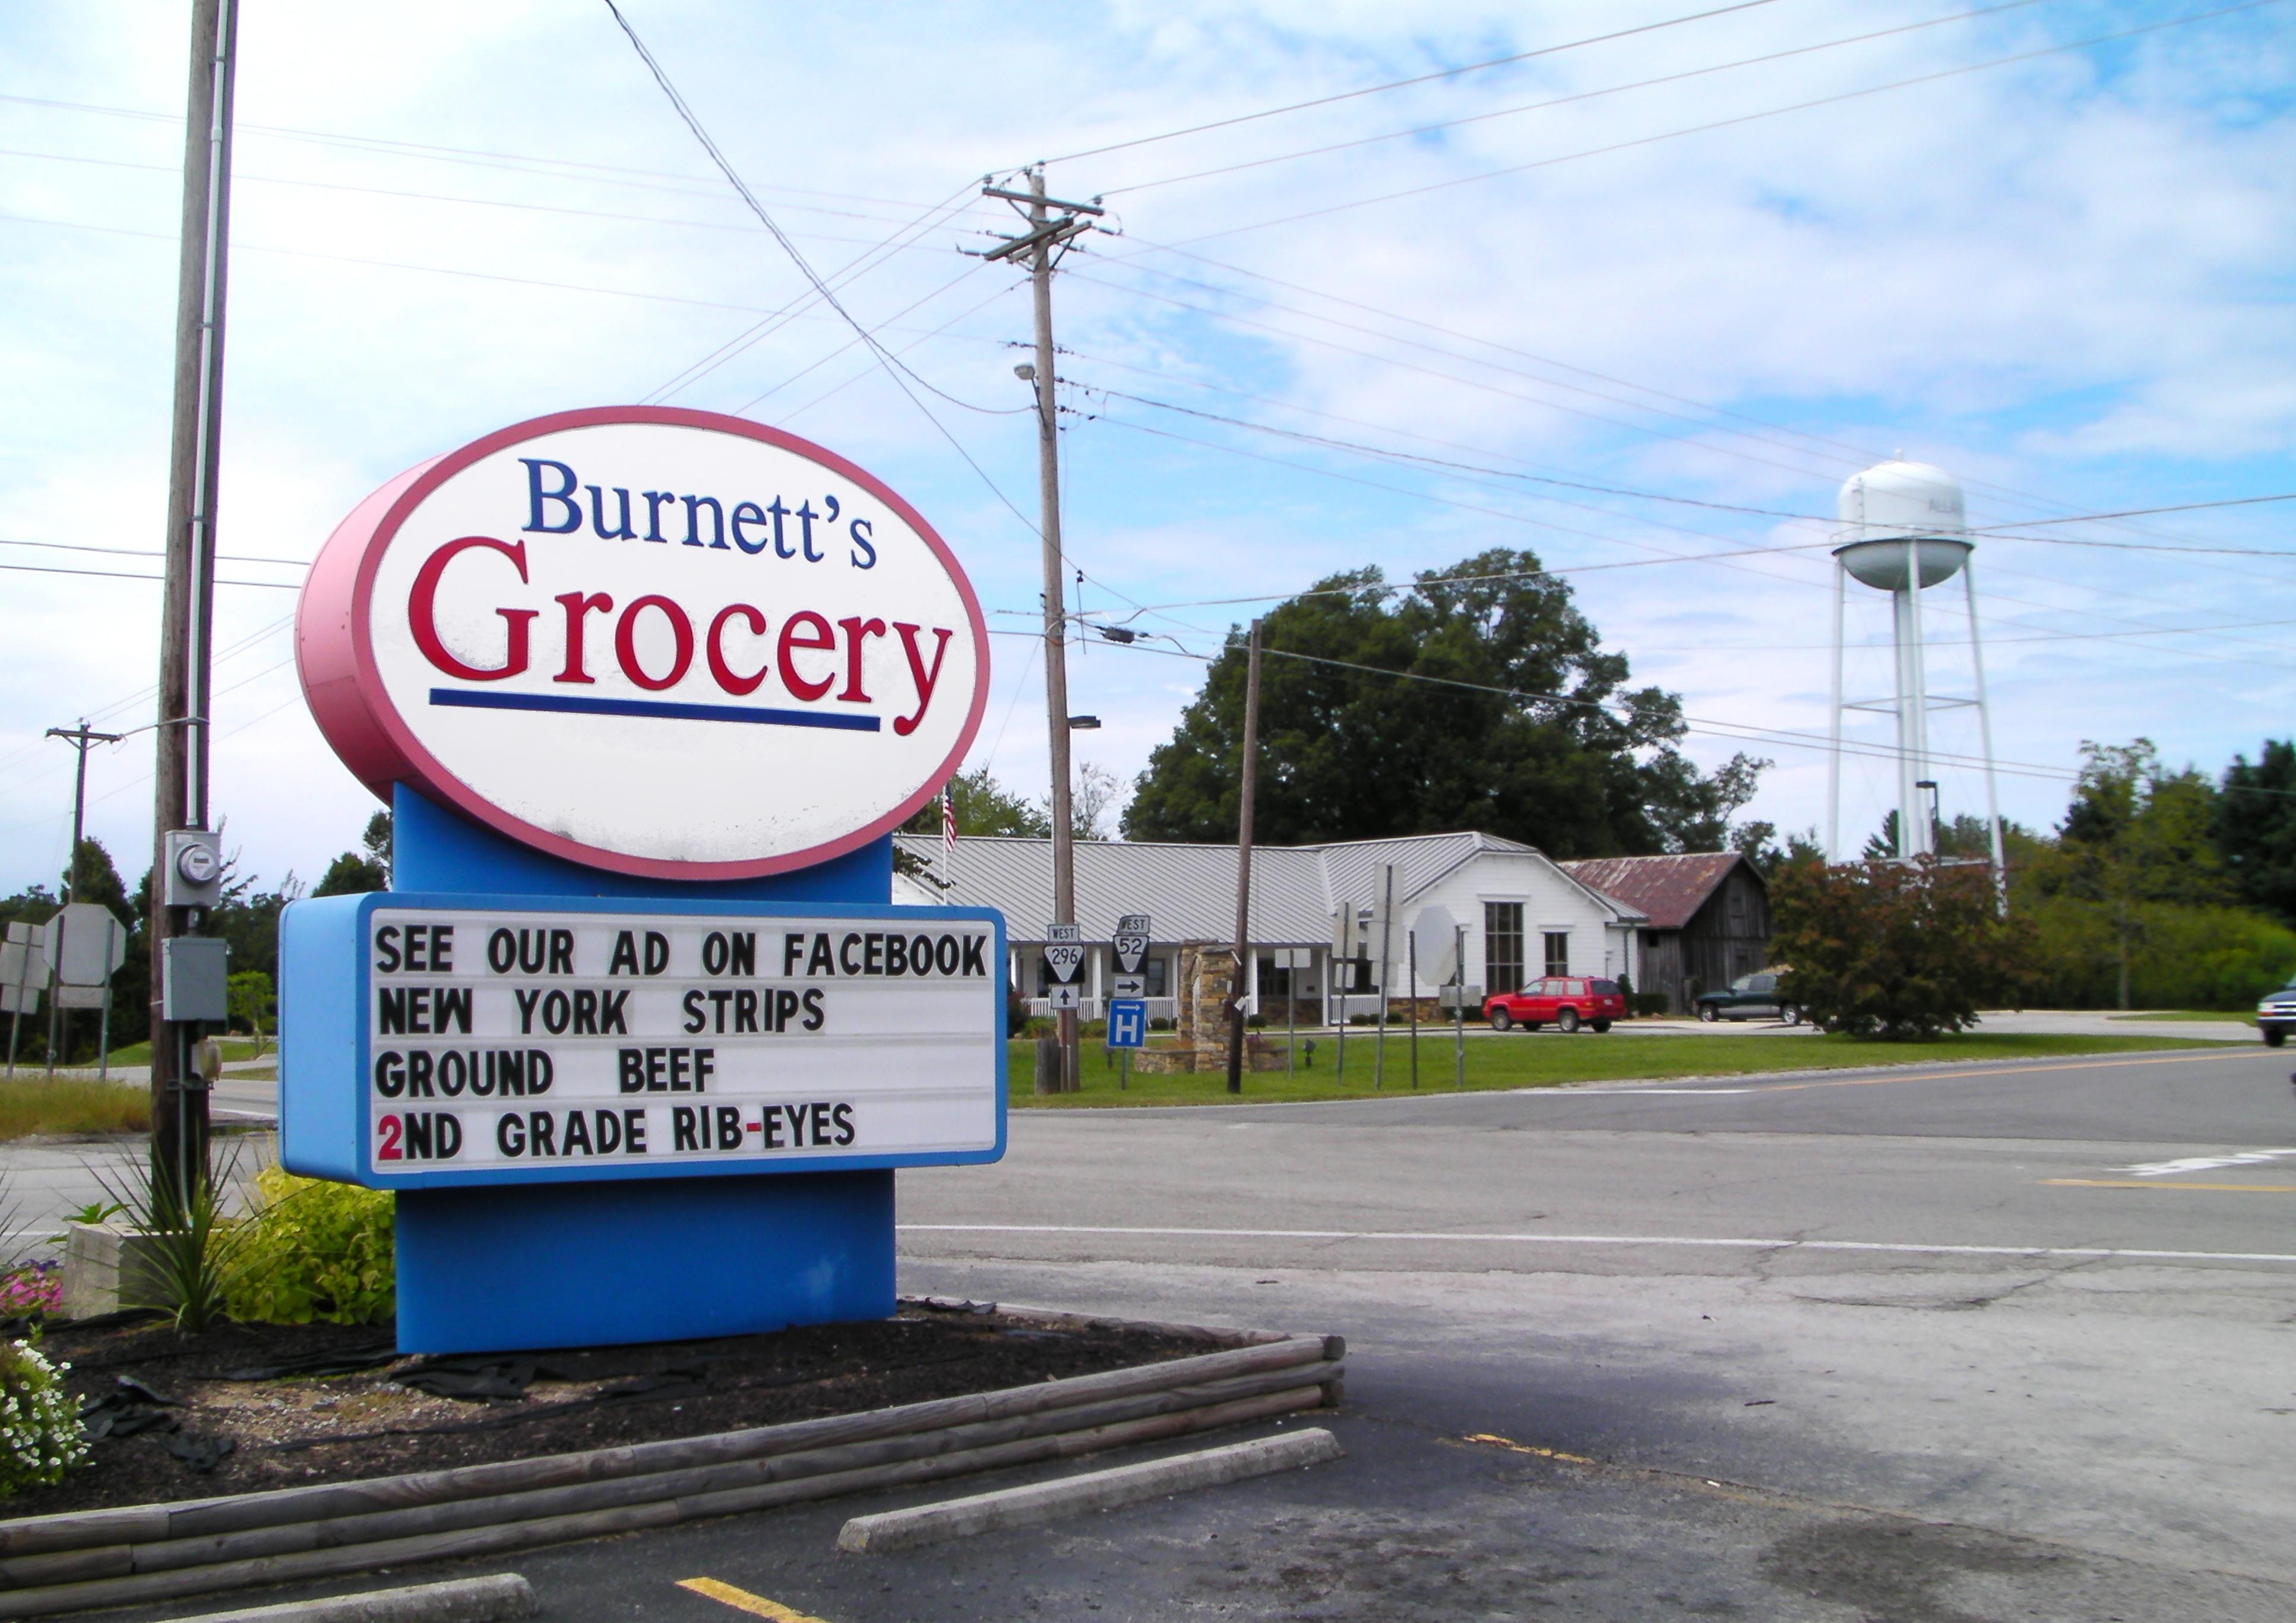 Burnett's Grocery